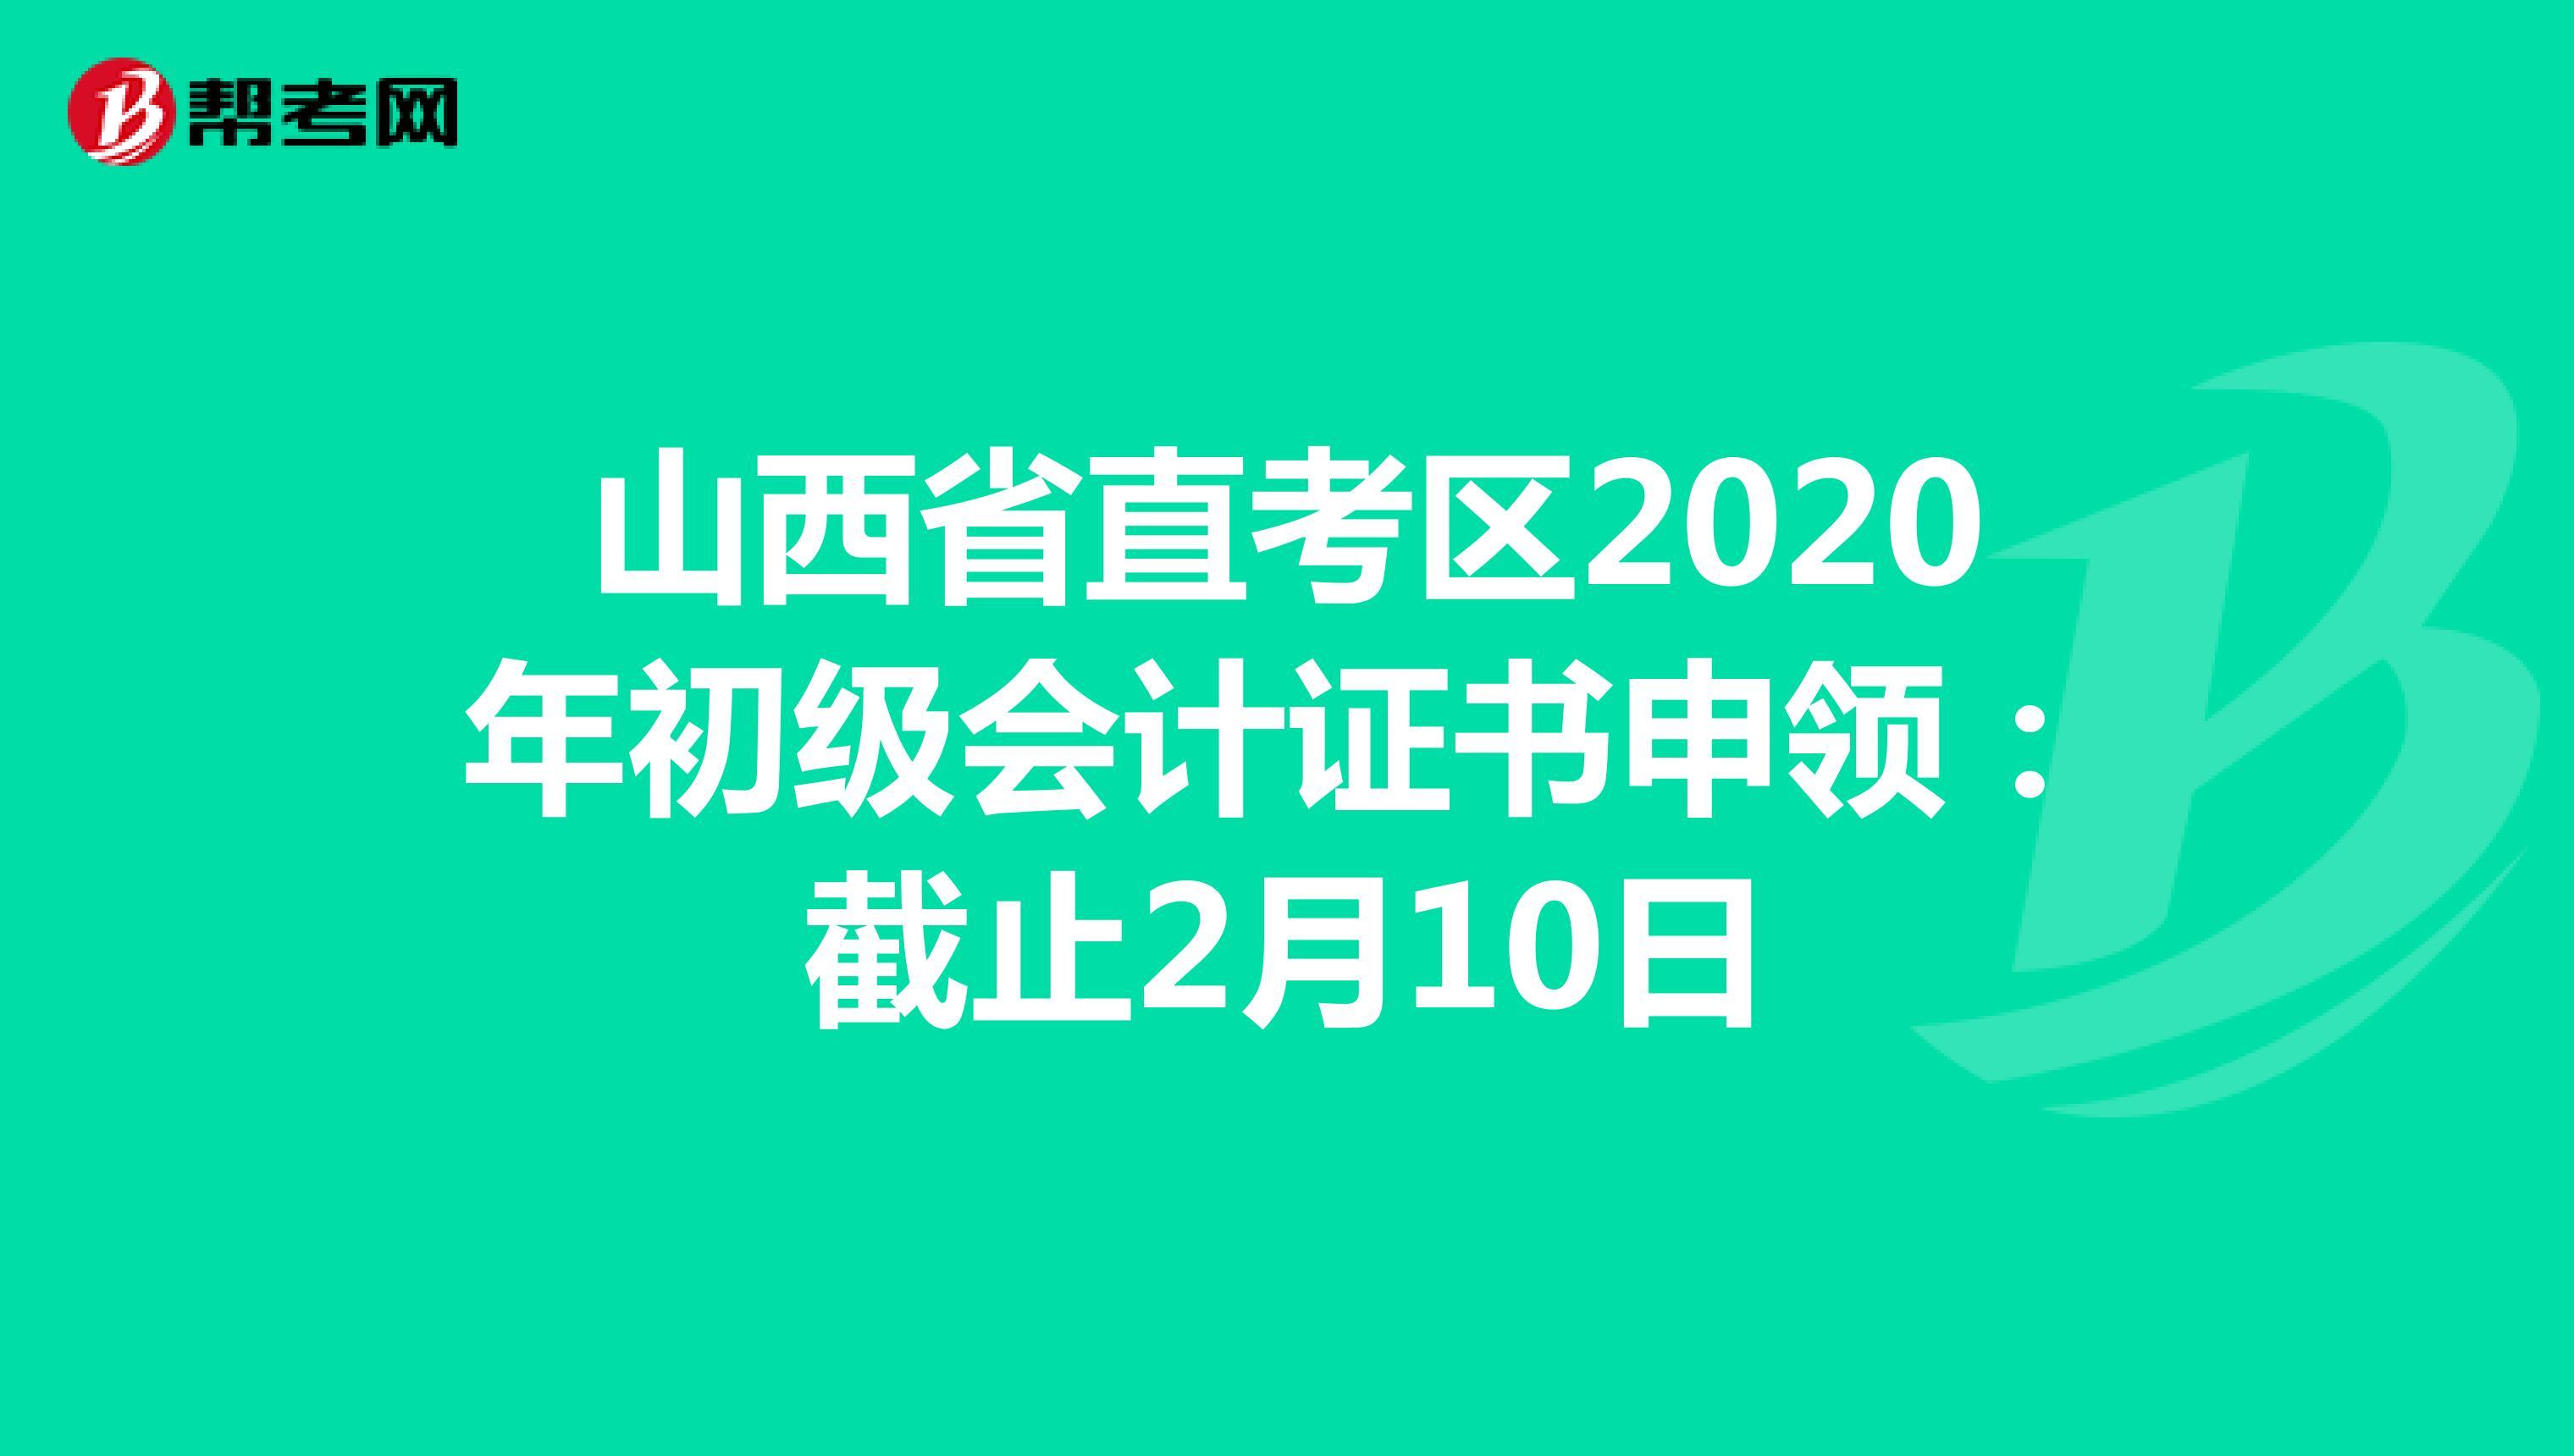 山西省直考区2020年初级会计证书申领:截止2月10日